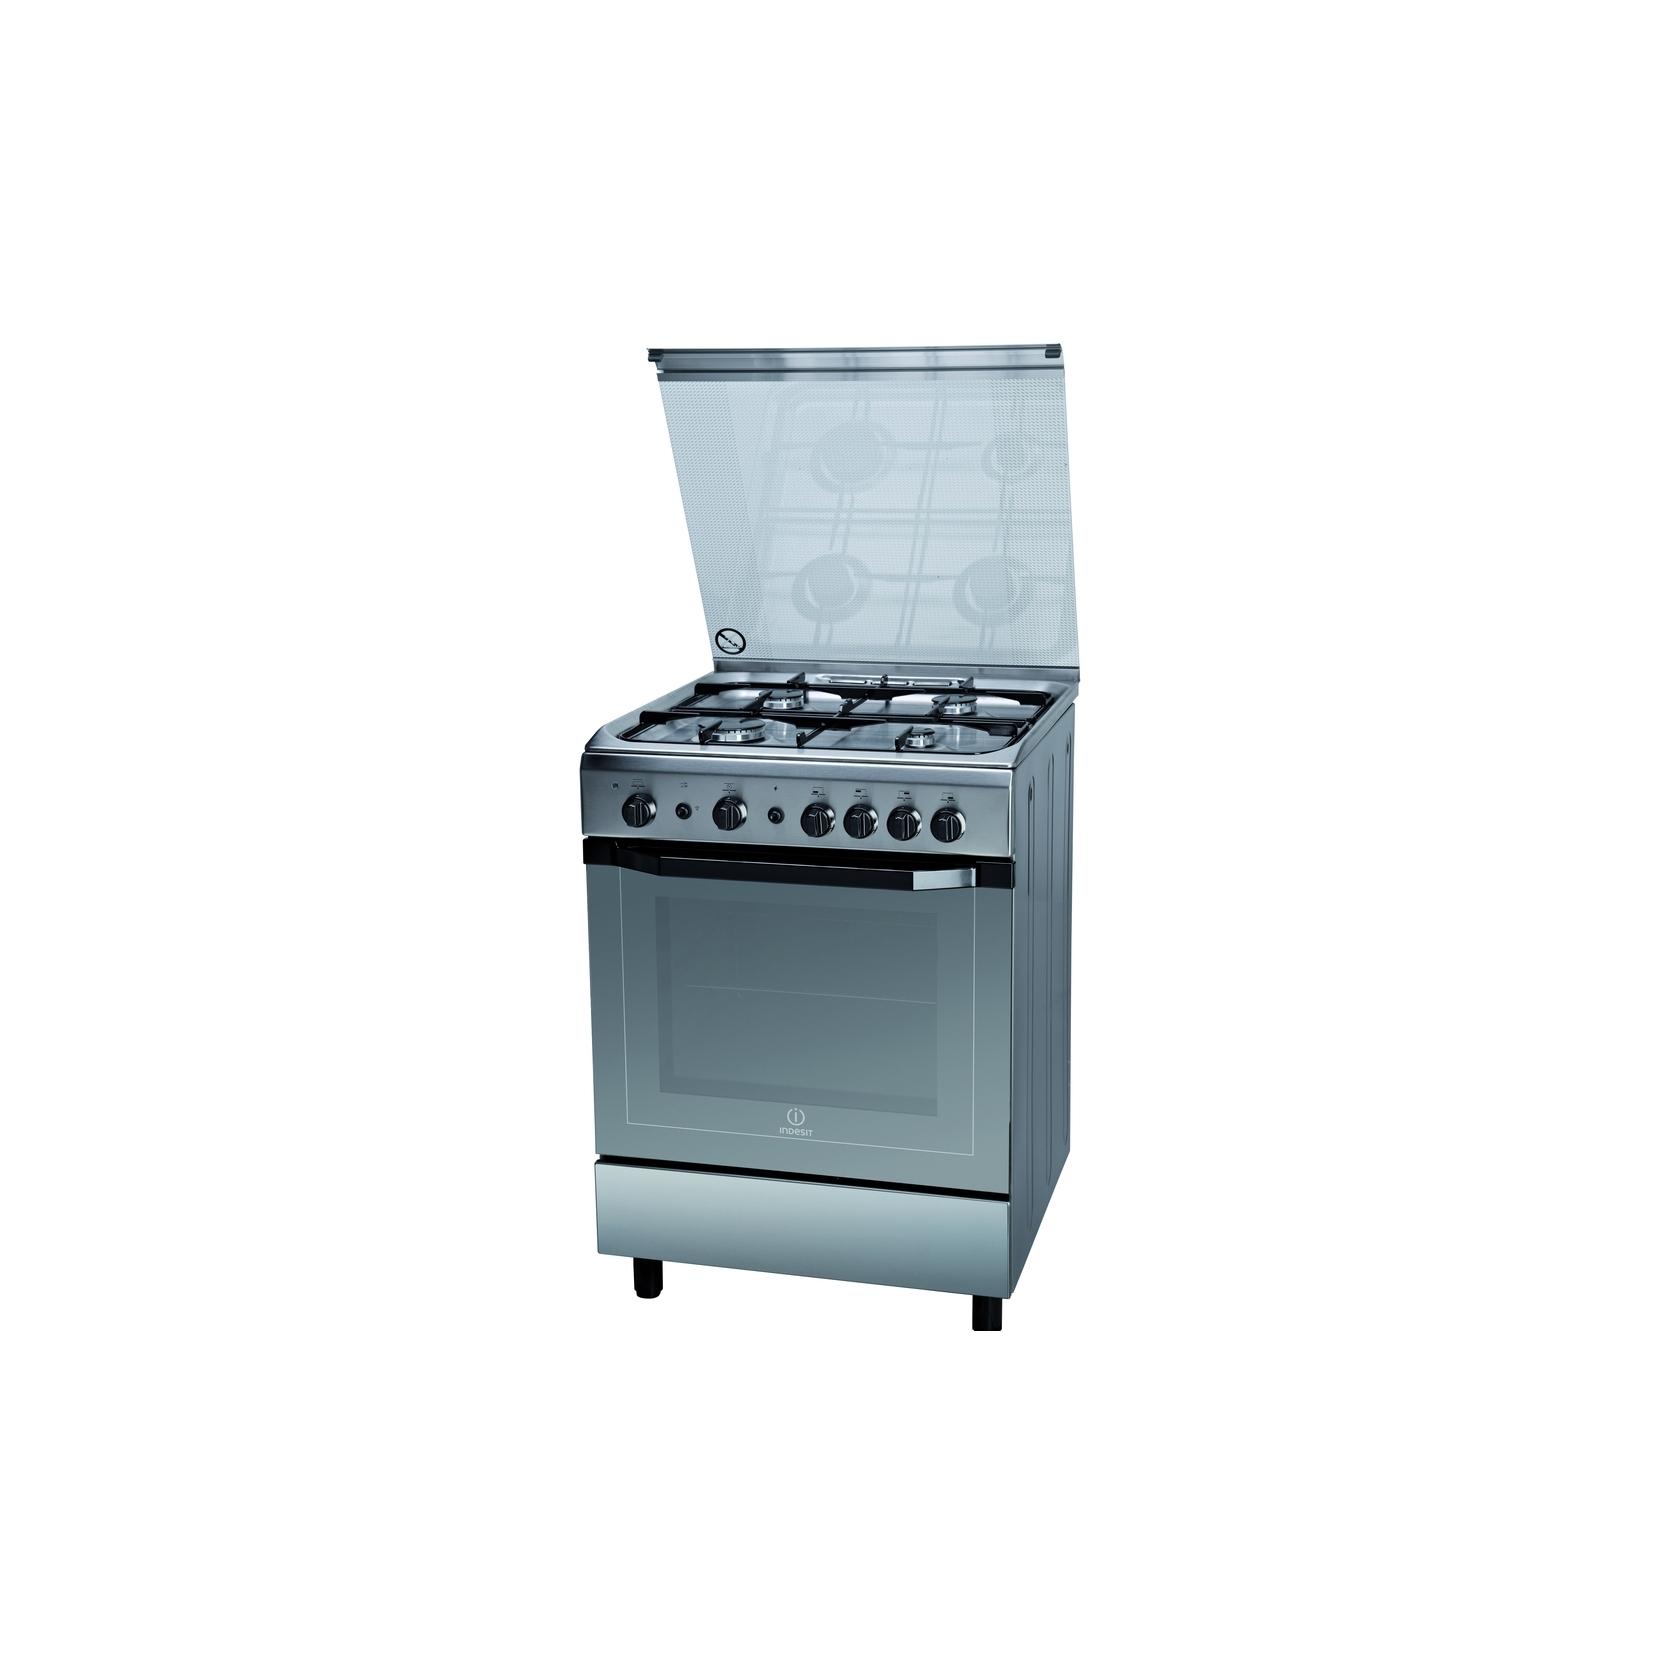 Cucina indesit i6gg1f x i inox 60x60 4 fuochi forno a gas garanzia italia elettrovillage - Cucine a gas libera installazione ...